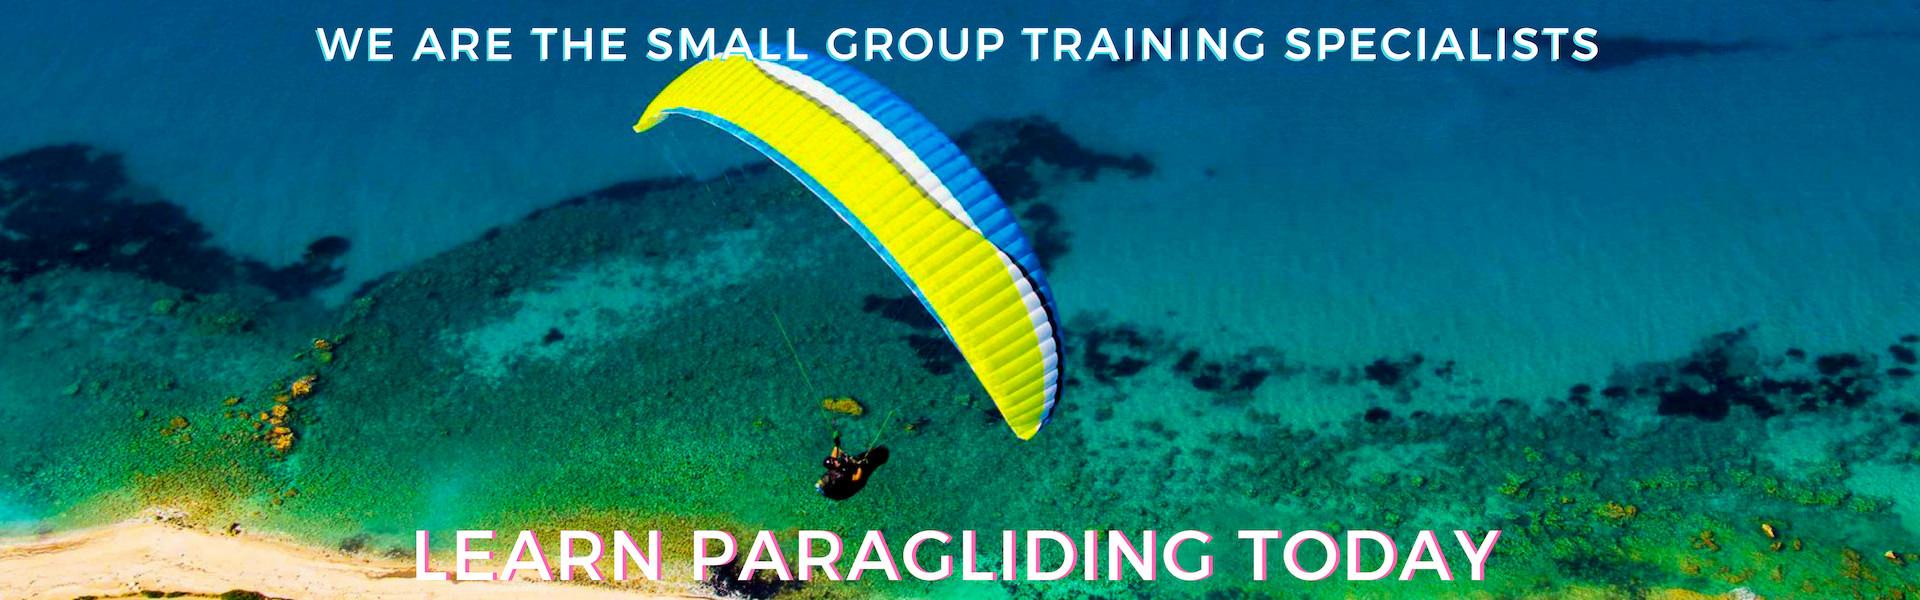 PARAGLIDING COURSES - Cloudbase Paragliding